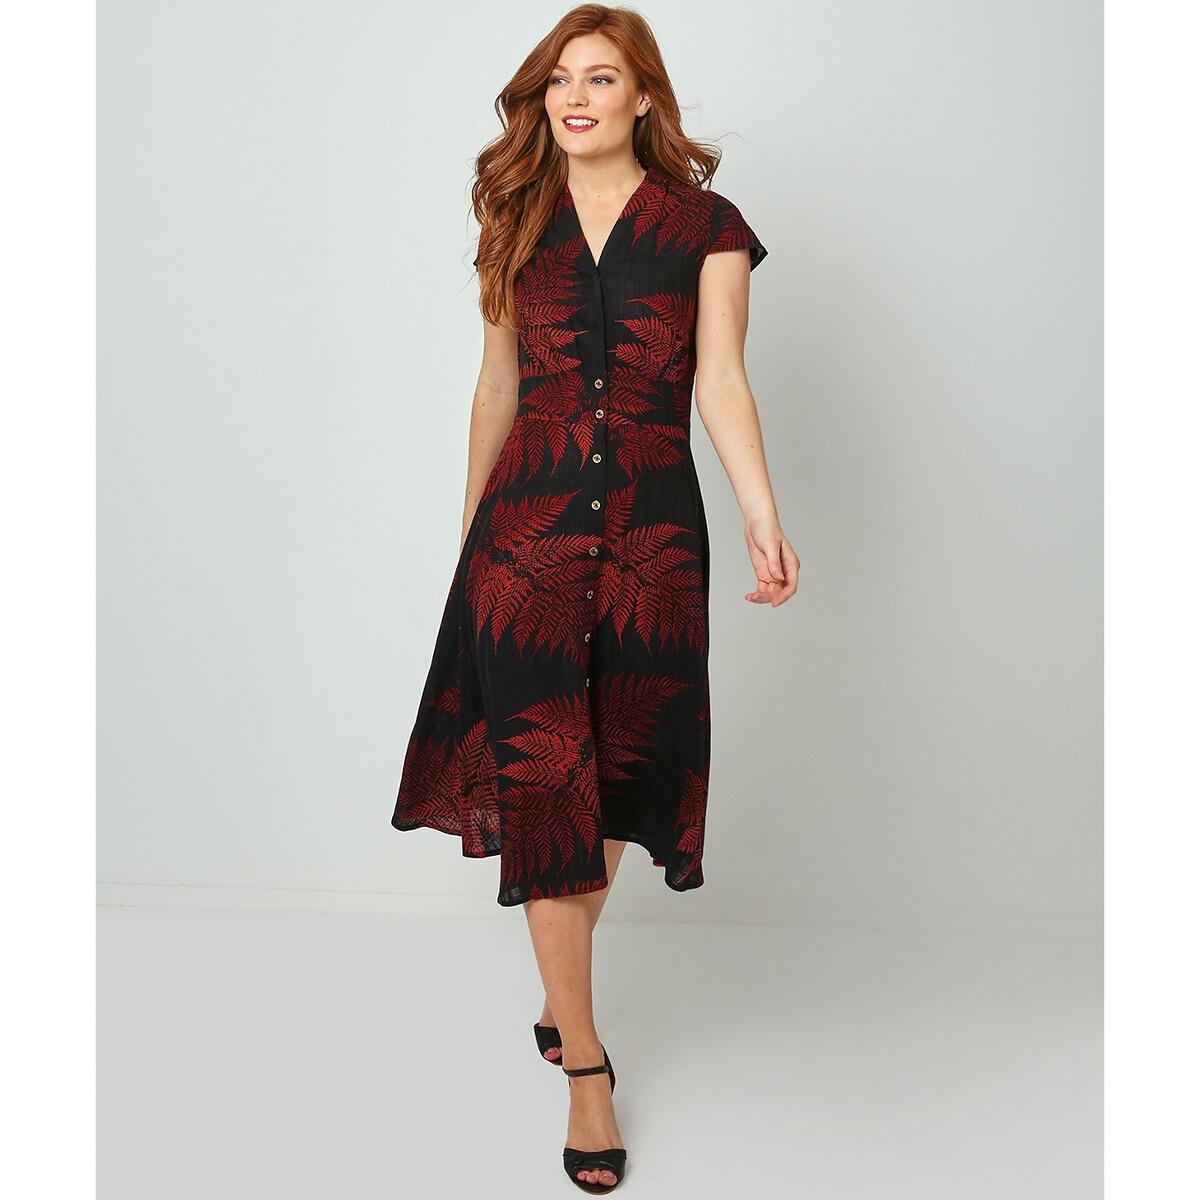 Платье-миди LaRedoute На пуговицах с принтом 42 (FR) - 48 (RUS) красный юбка laredoute длинная асимметричная с принтом 42 fr 48 rus зеленый